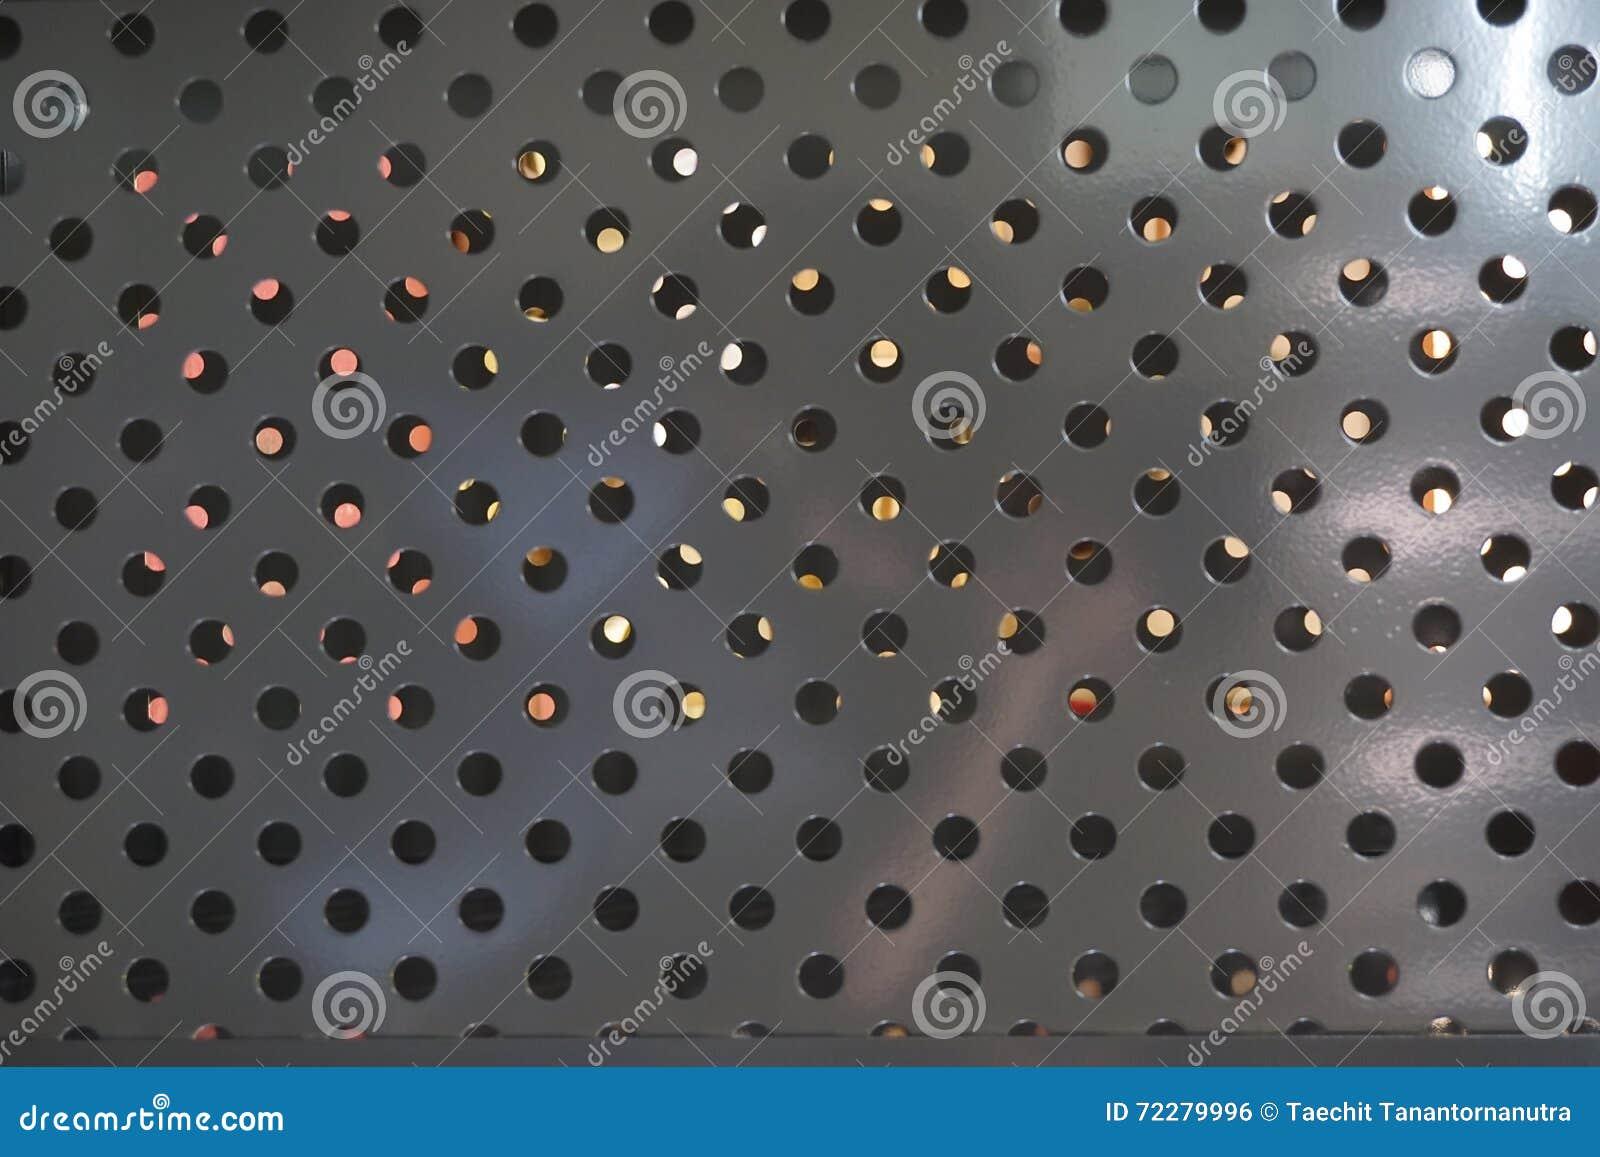 Download Круглая сетка металла стоковое фото. изображение насчитывающей круг - 72279996